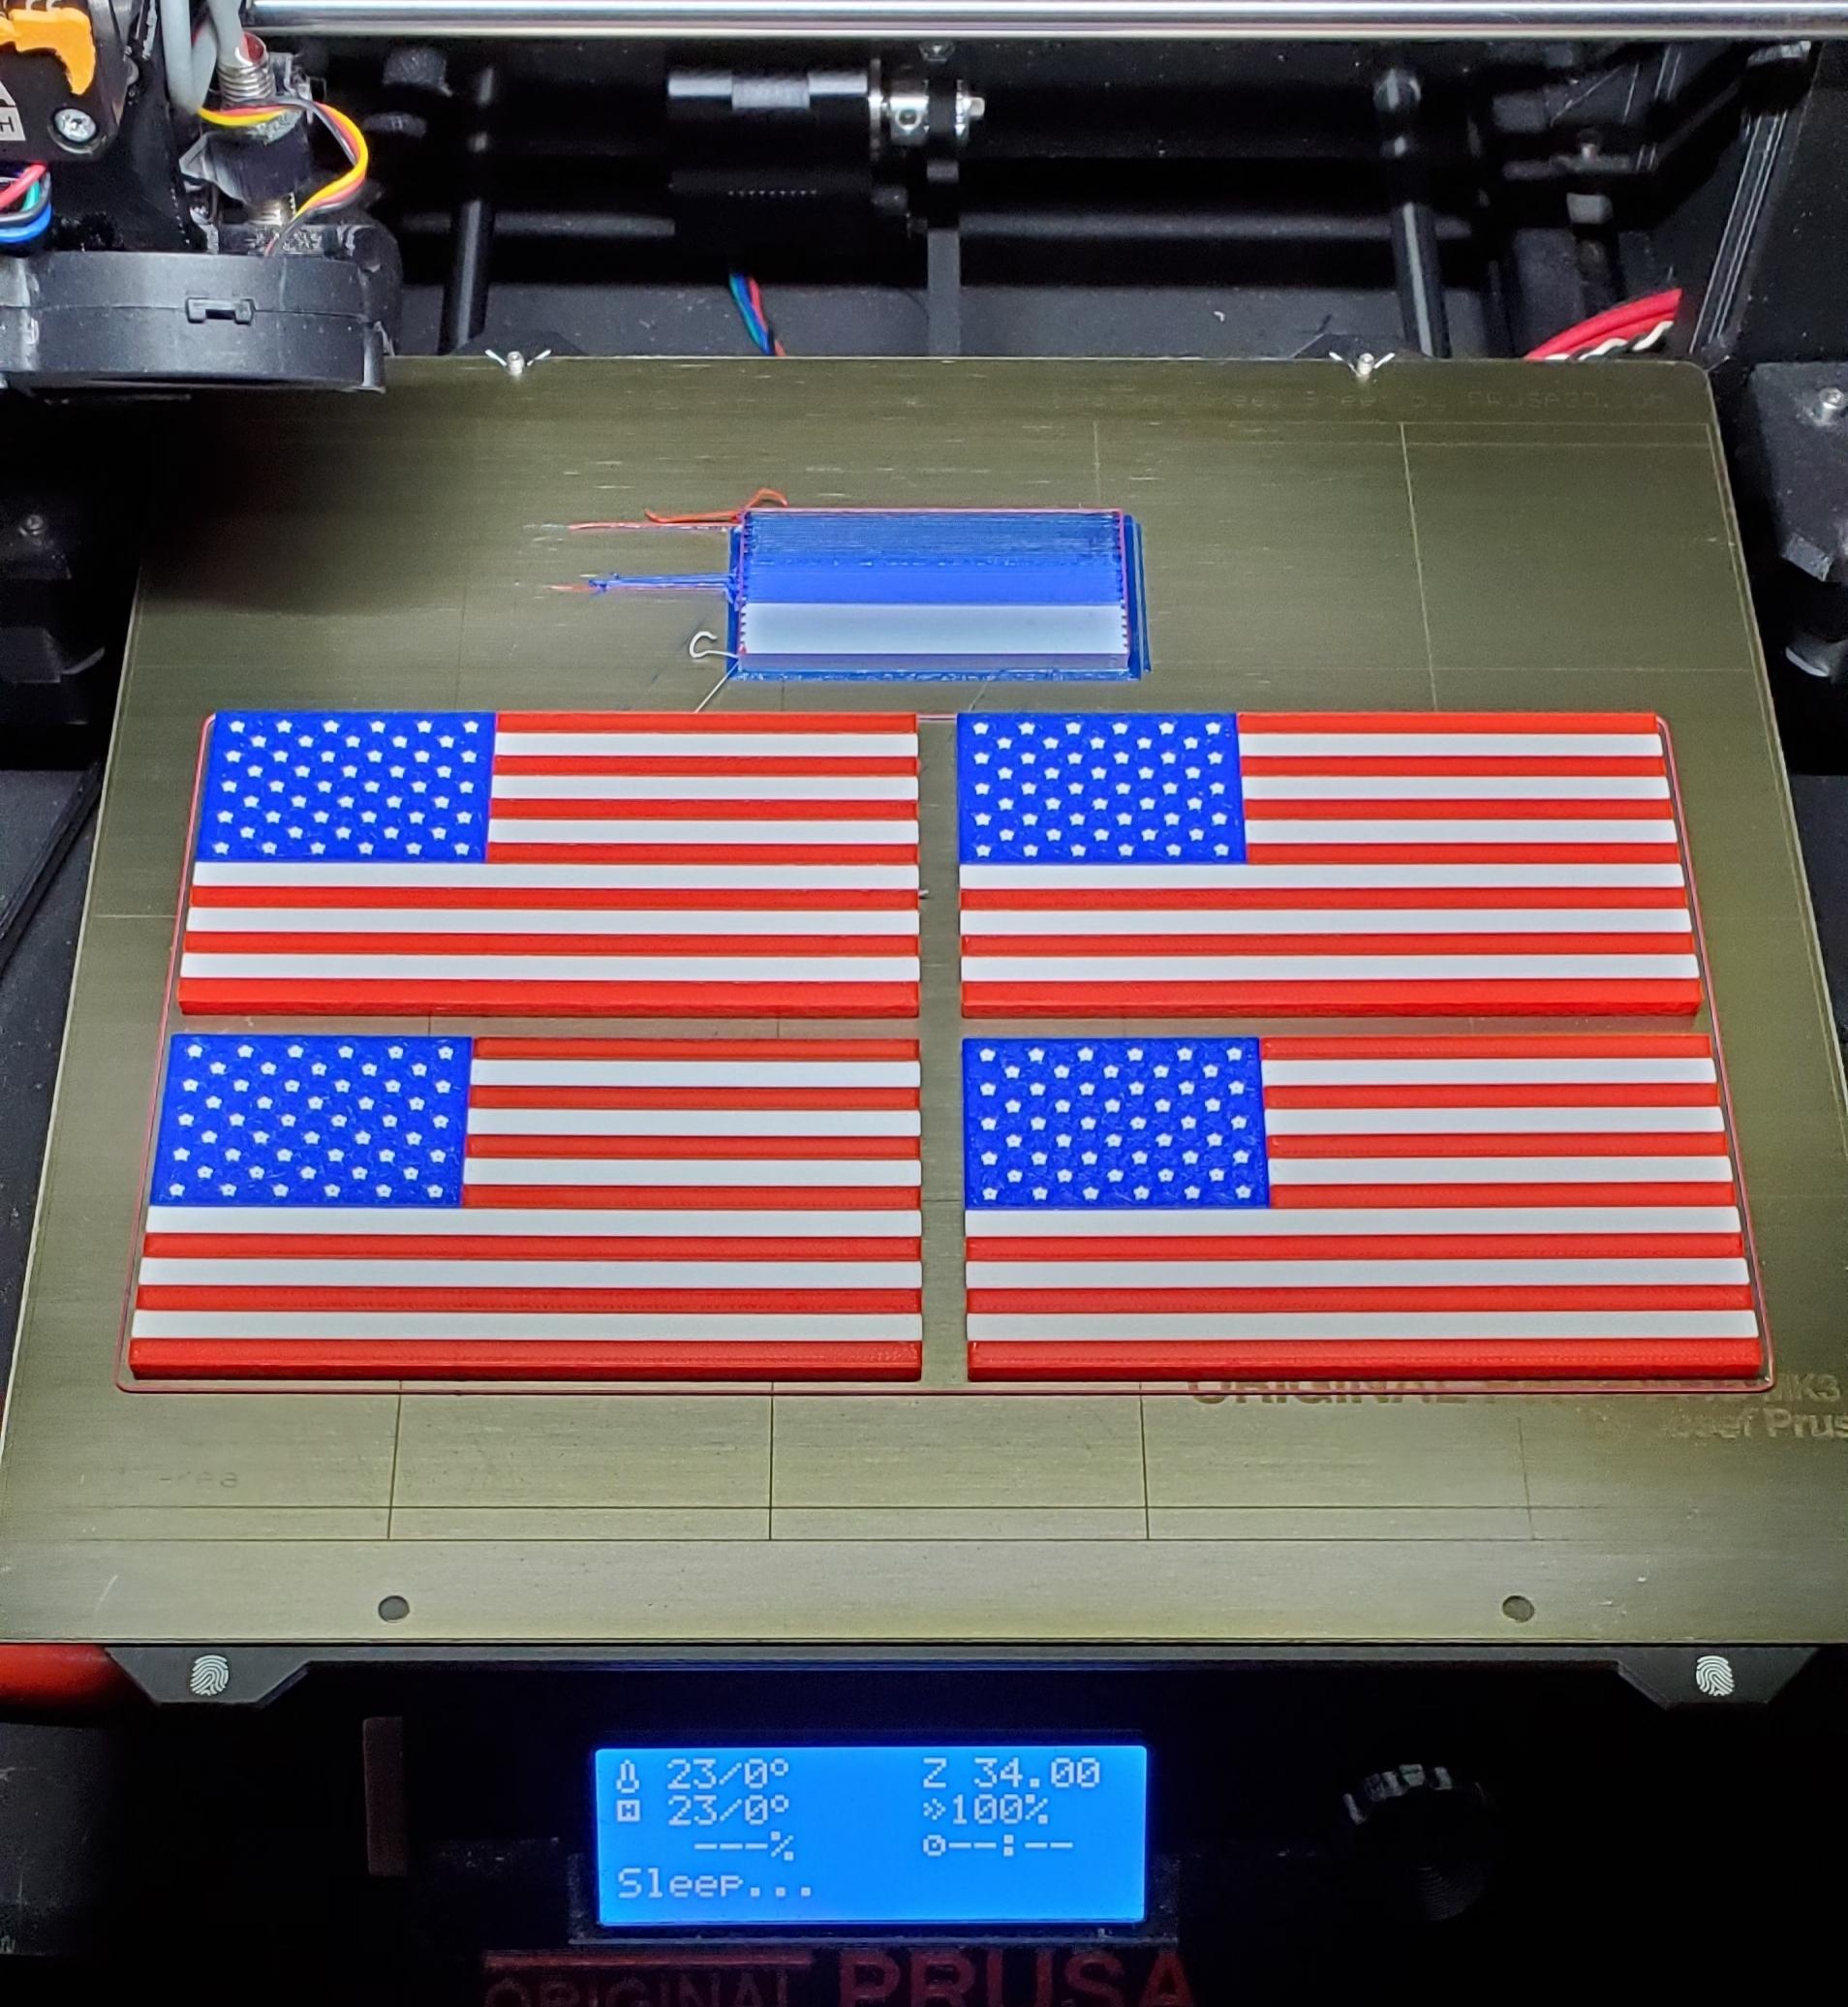 20191208_064730.jpg Download free STL file Remix: US Flag Refrigerator Magnet (Multicolor) • 3D printing template, lowboydrvr